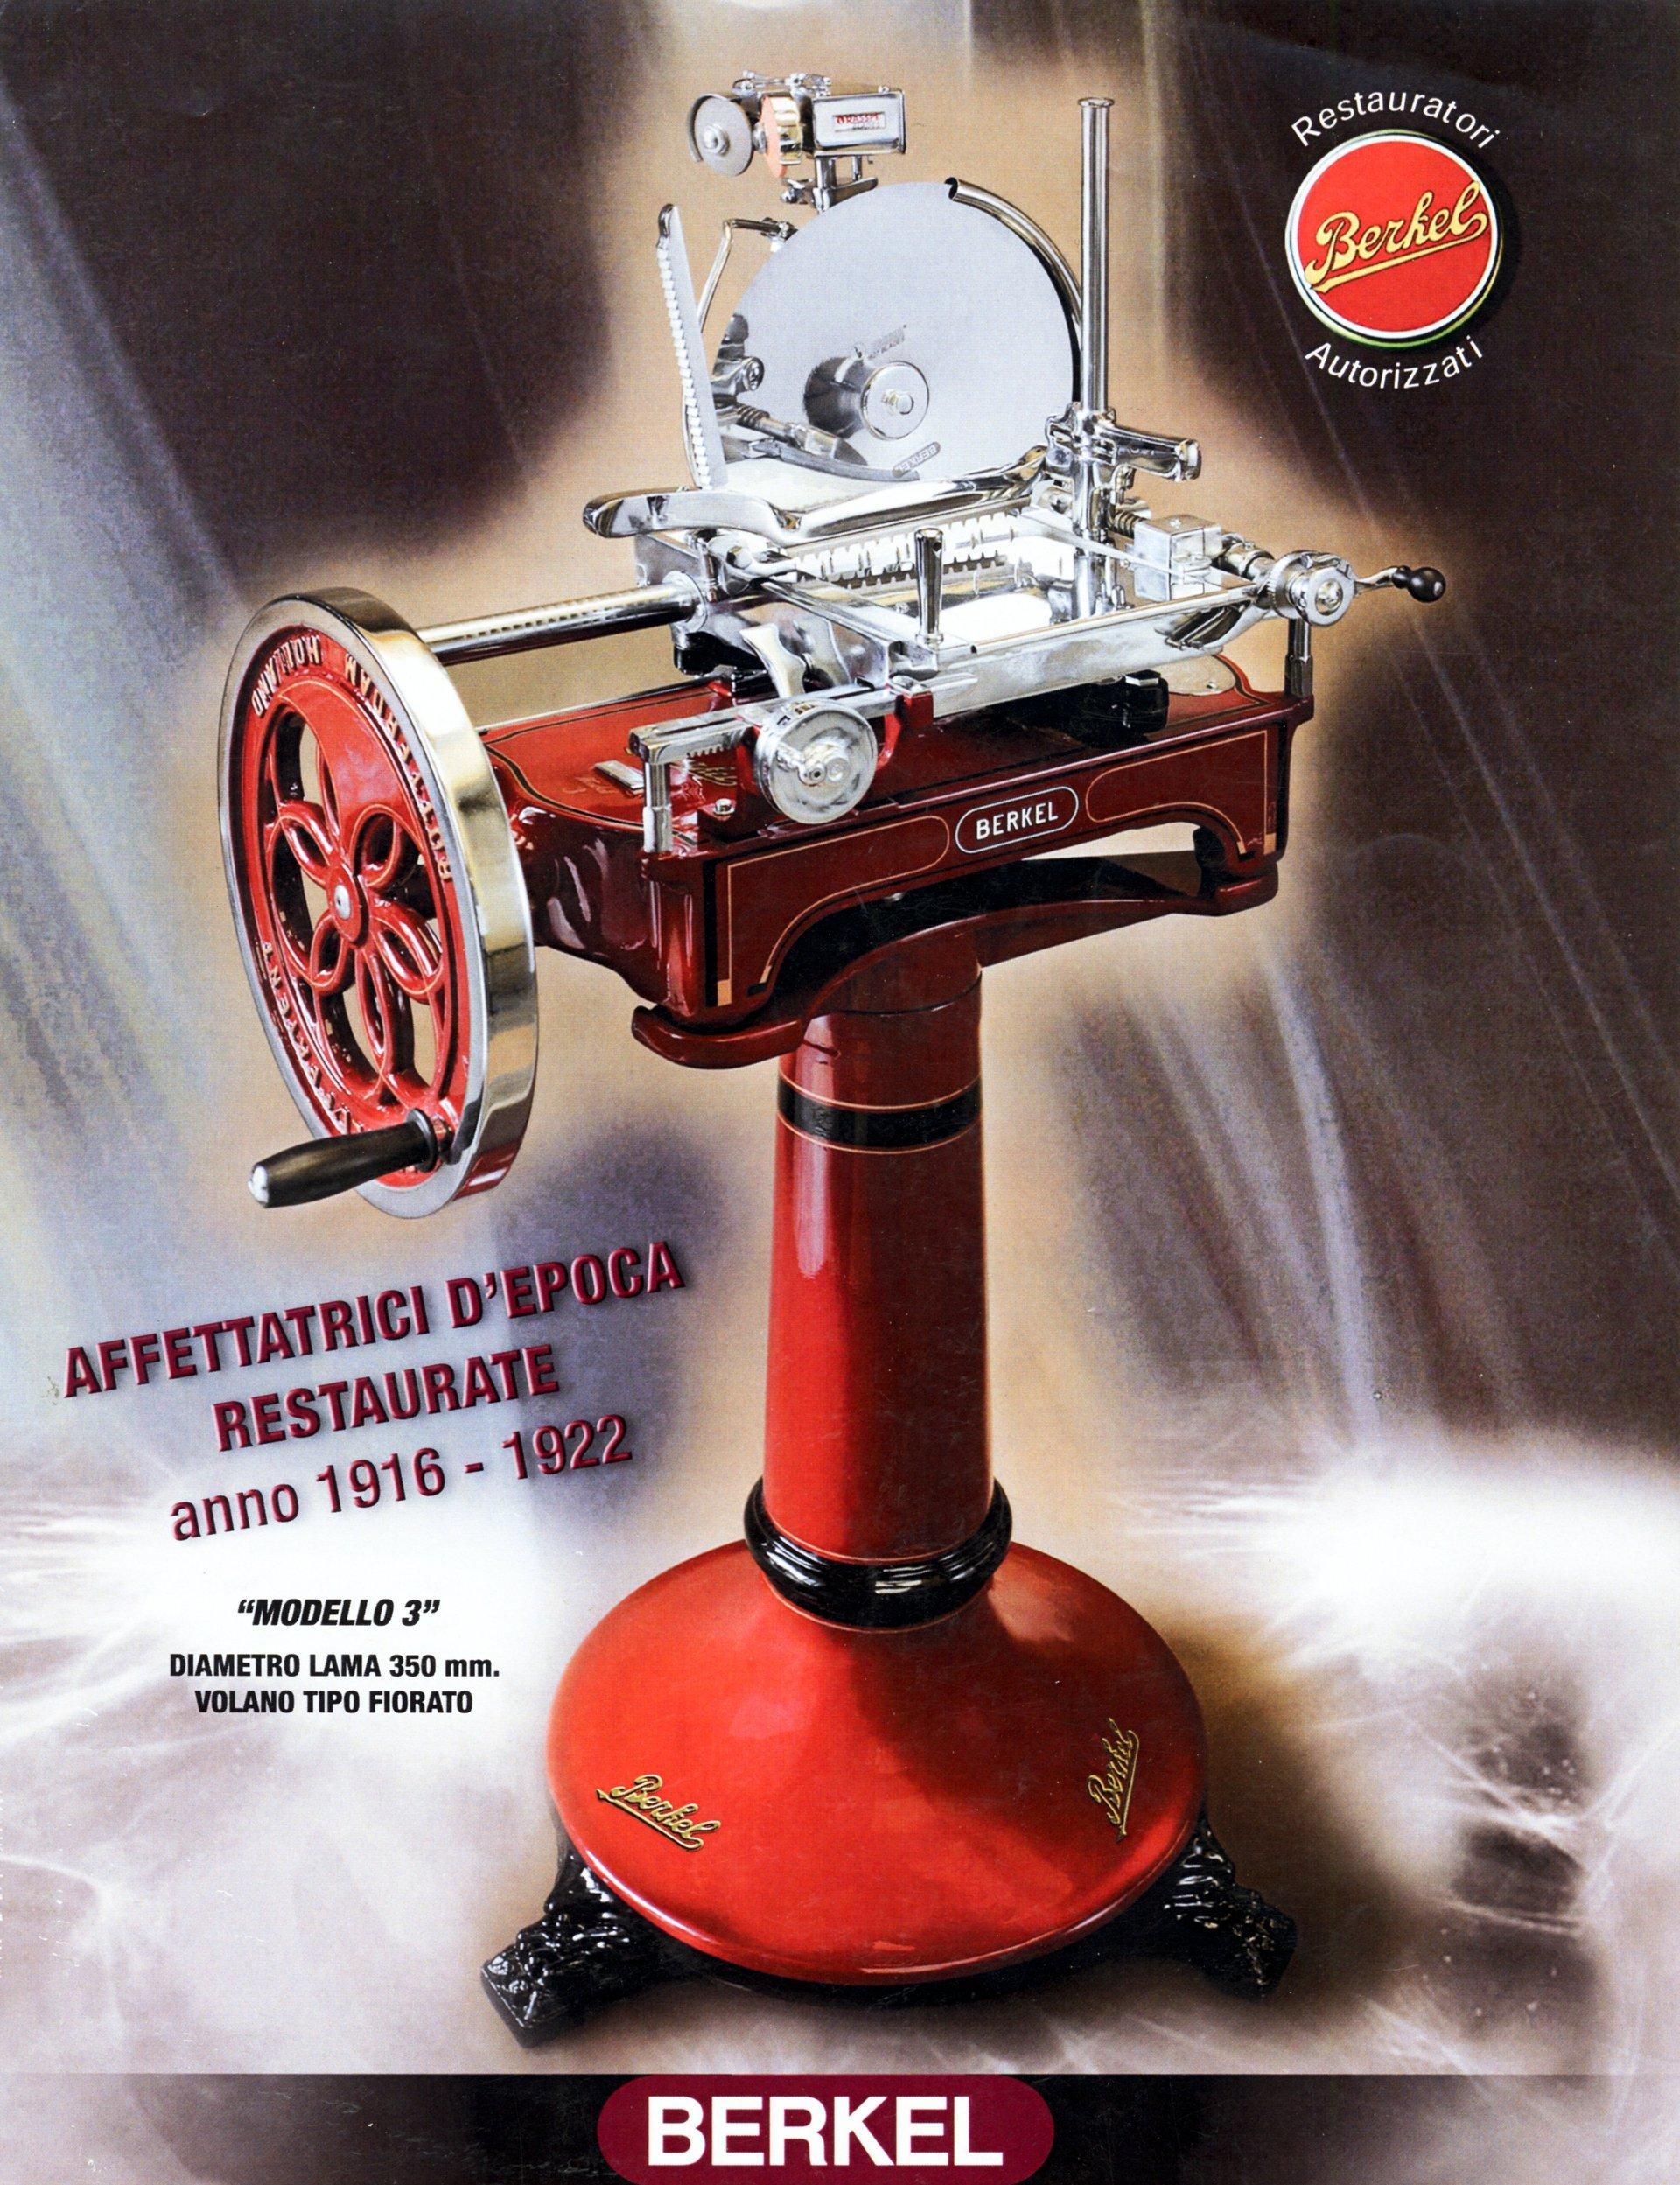 poster bilancia rossa d'epoca